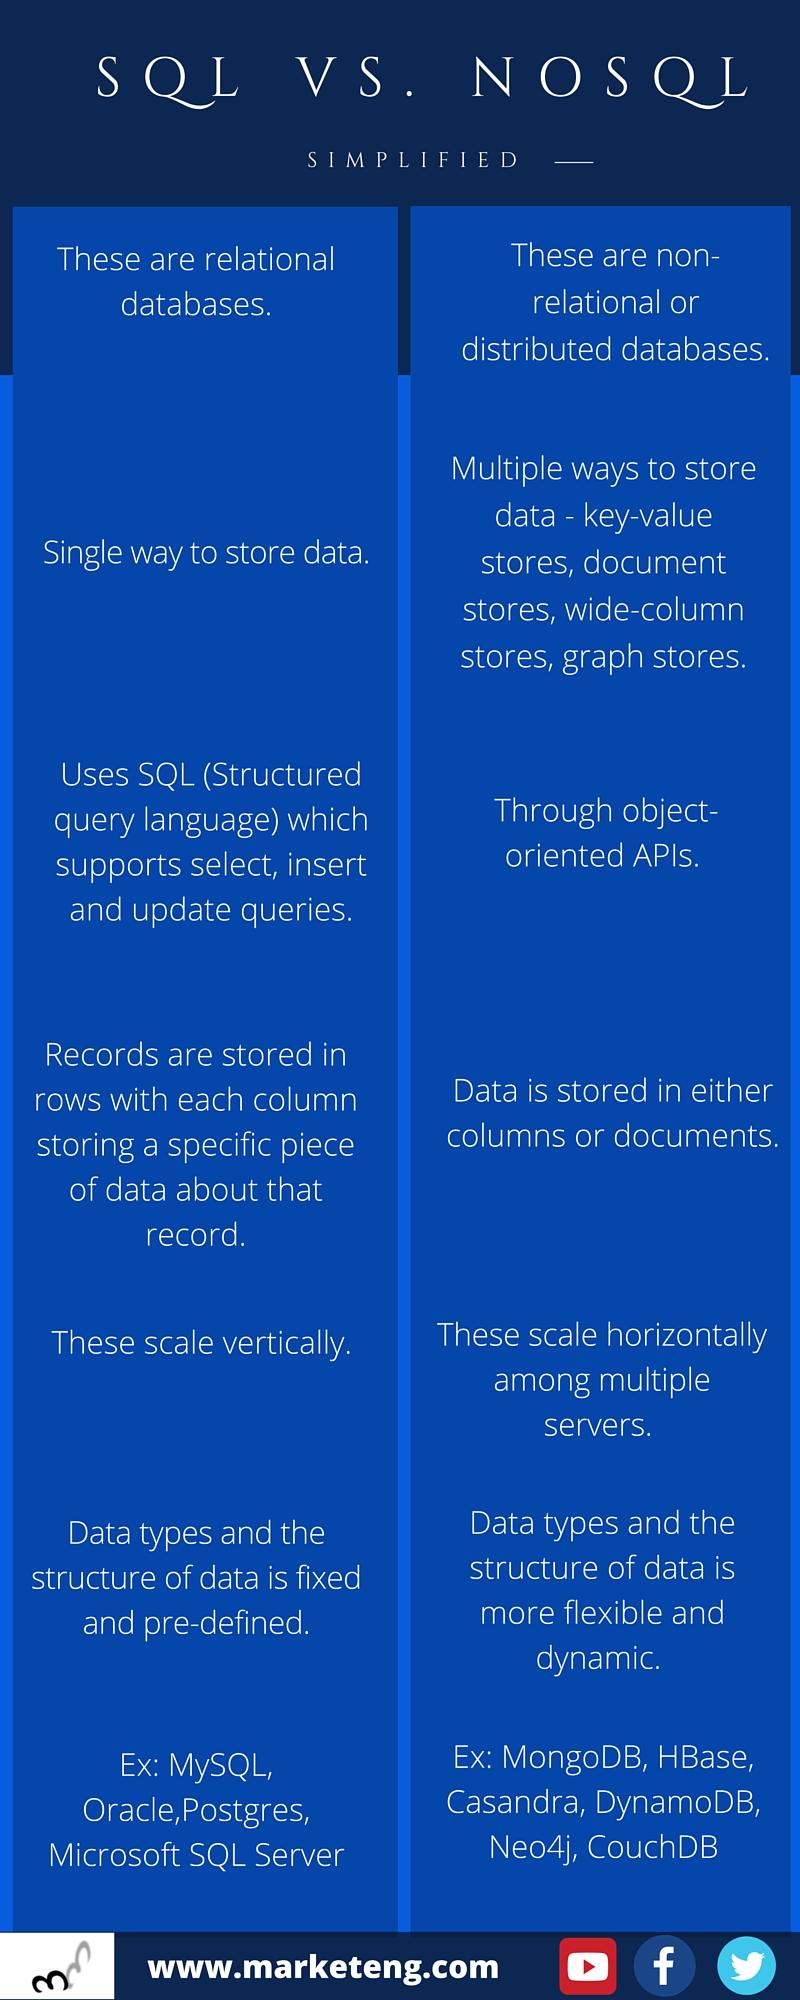 SQL vs. NoSQL